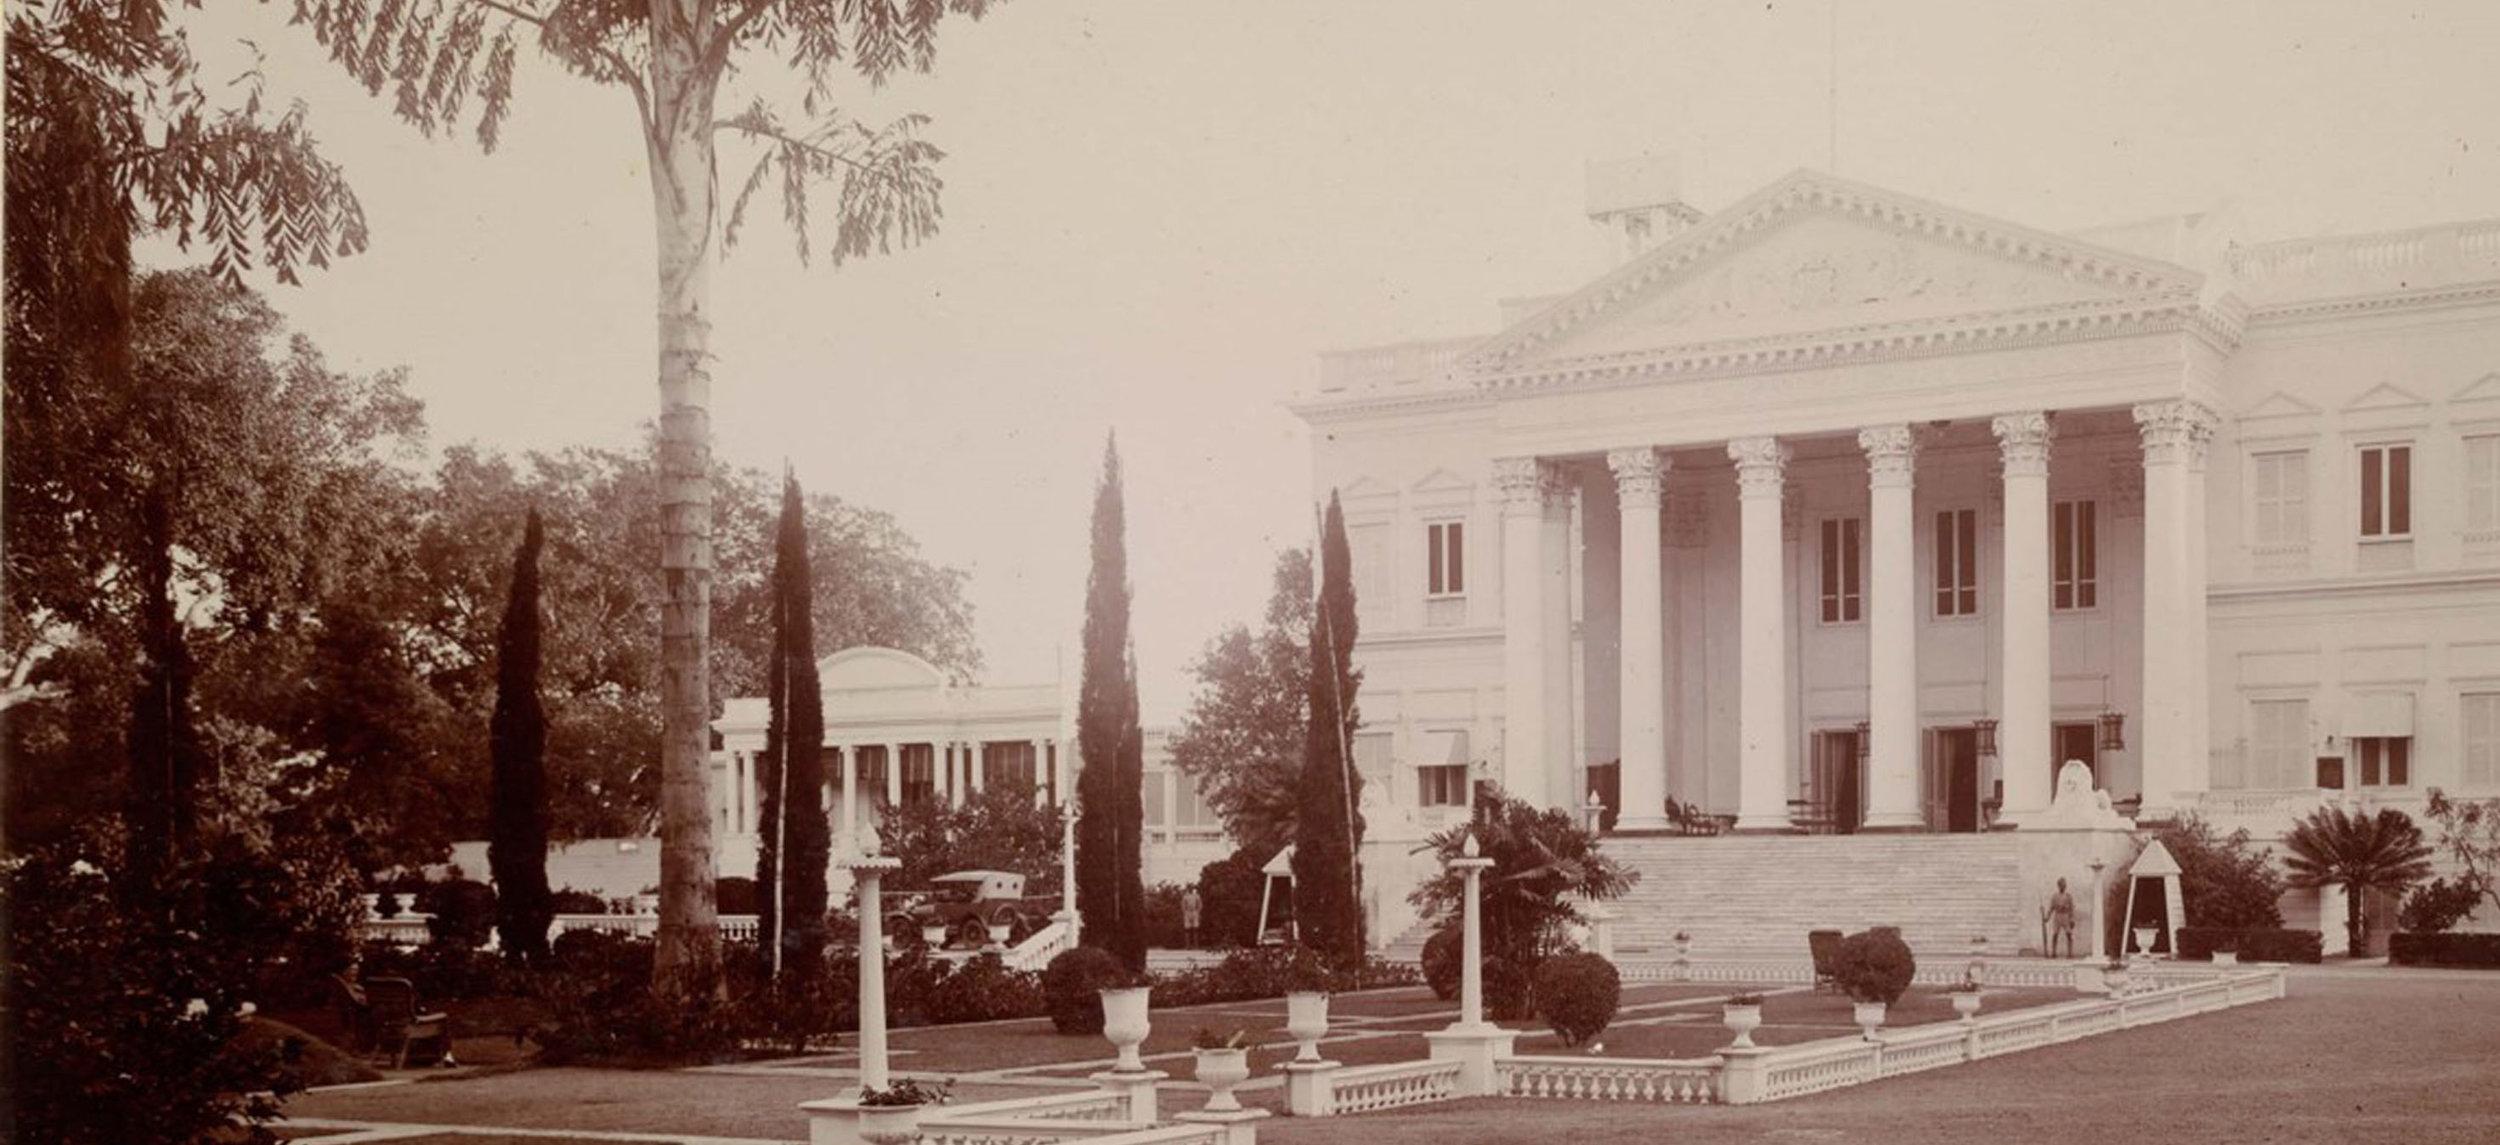 Ficus-landscape-bangalore-Osmania university-Hyderabad-1